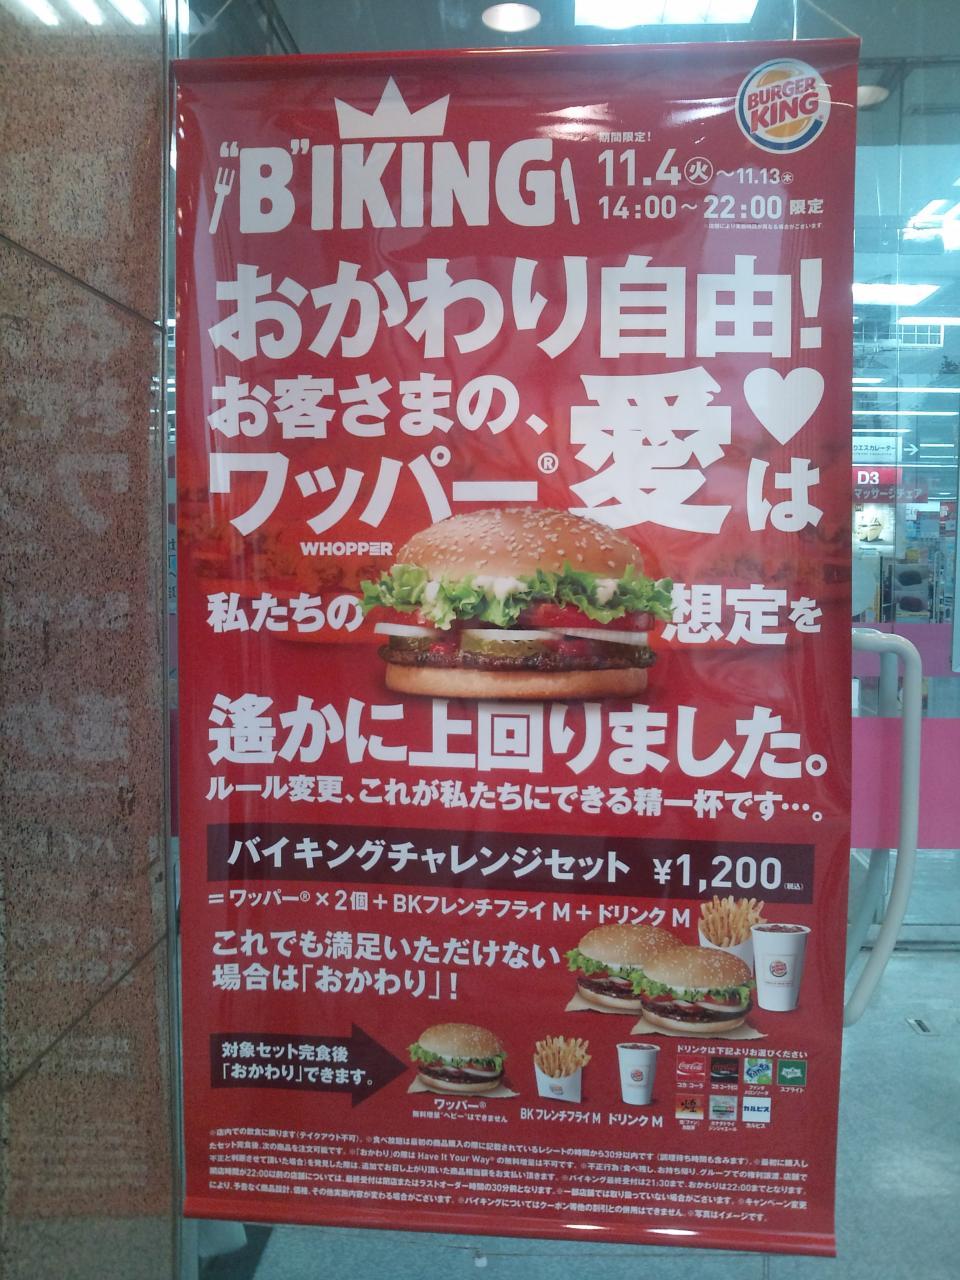 バーガーキング大井町店(店舗外観)